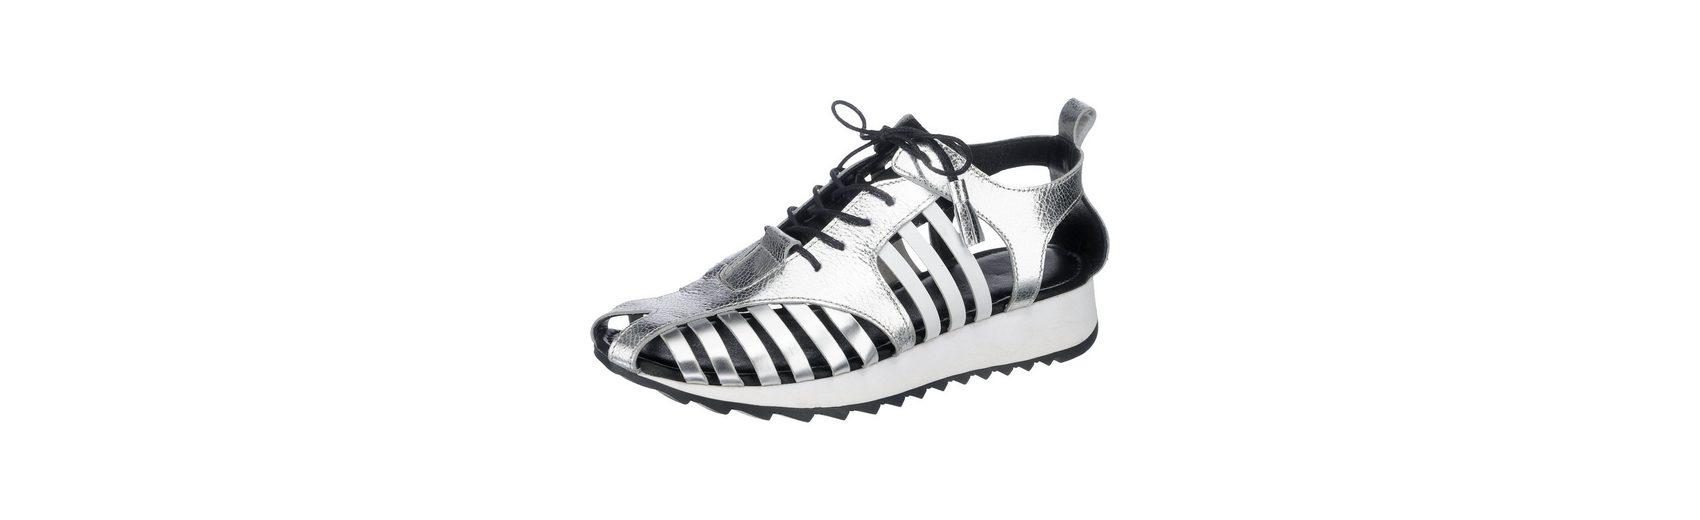 Lisa Tucci Sneakers Billig Authentisch Größte Lieferant Für Verkauf  Wie Viel Freies Verschiffen 0WZBA